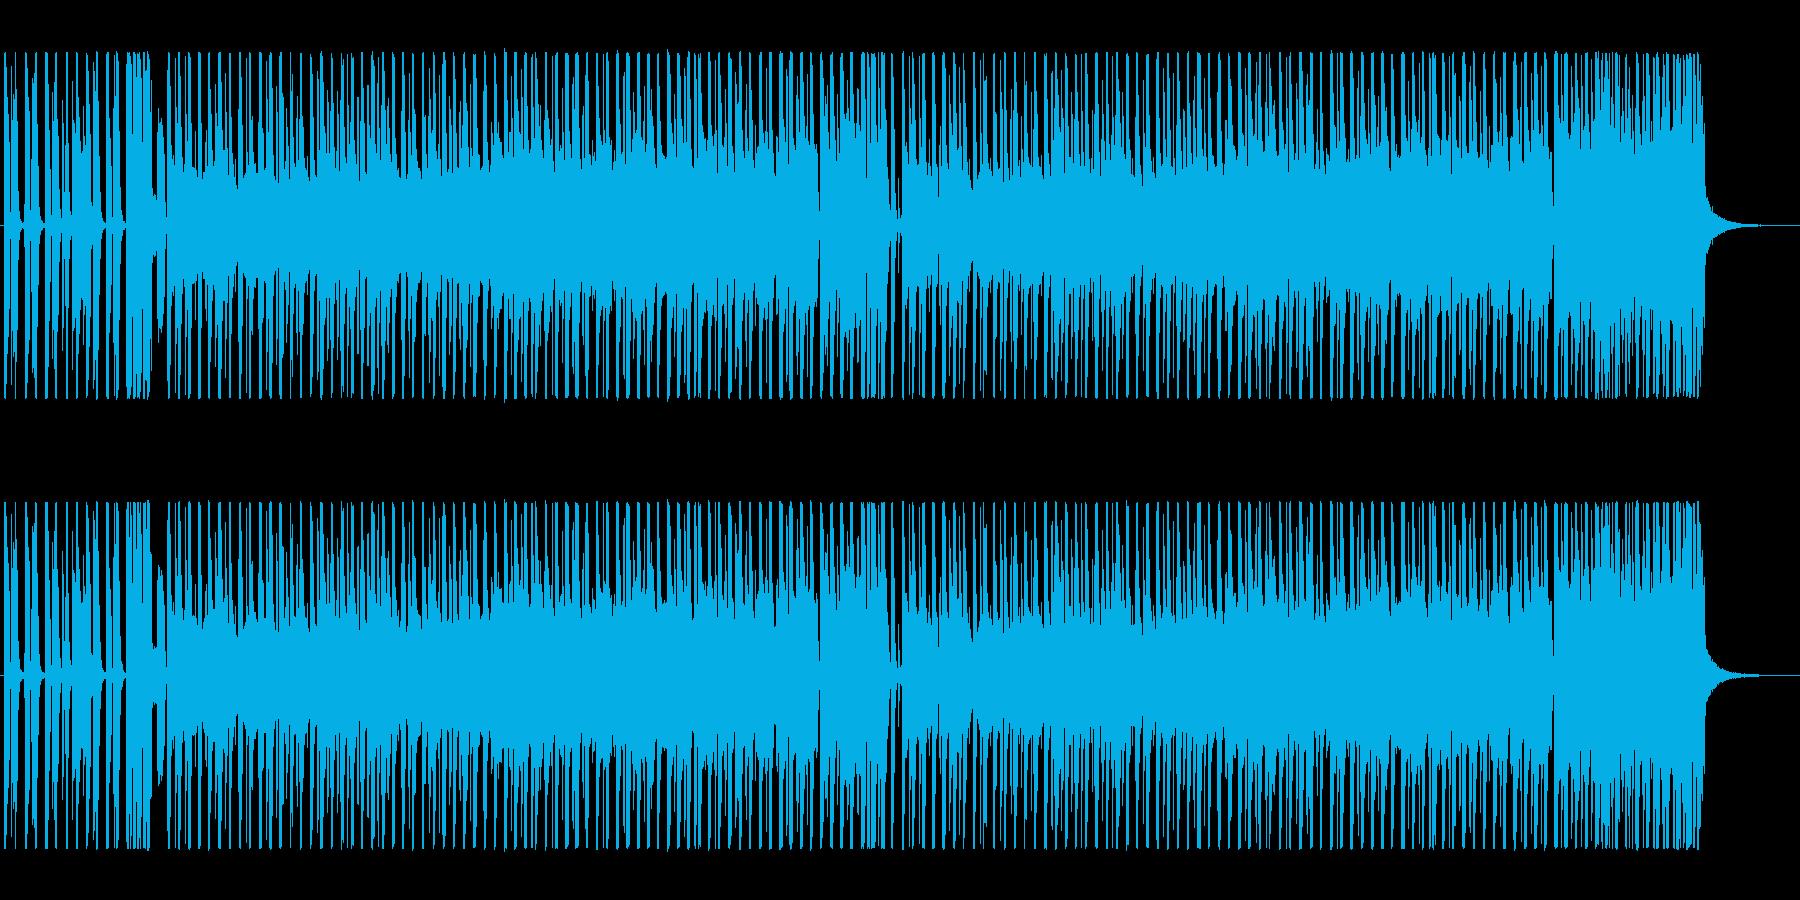 三線の音色がメロディー、ドラム、ベースの再生済みの波形